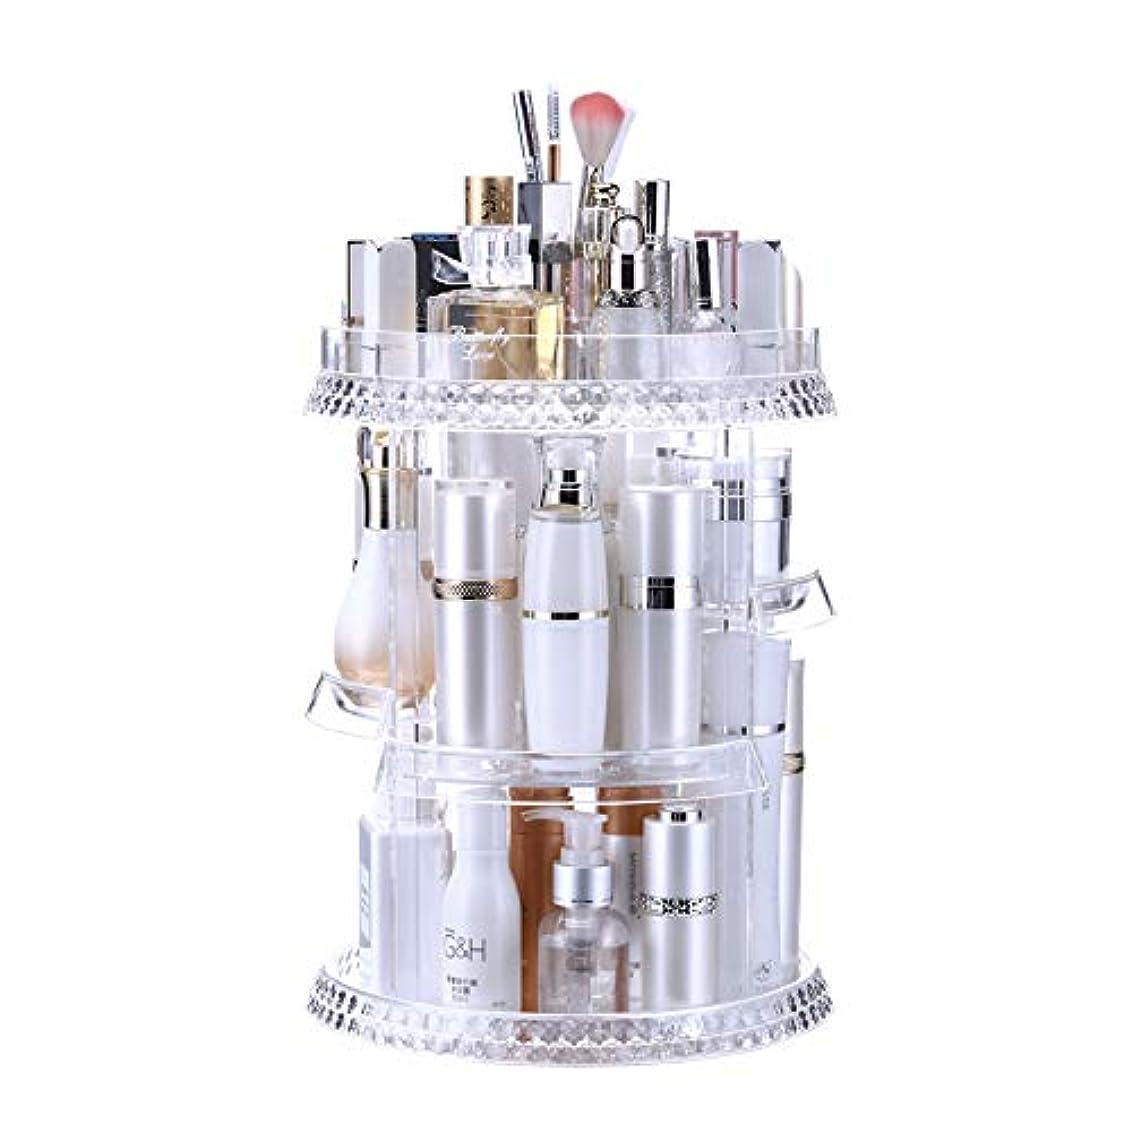 大いに大胆くぼみStarmory メイクボックス 360度回転式 大容量 (ダイヤモンドクリスタルスタイル) メイクケース 香水 口紅 化粧道具 収納 高さ調節可能 透明プラスチック化粧品ケース